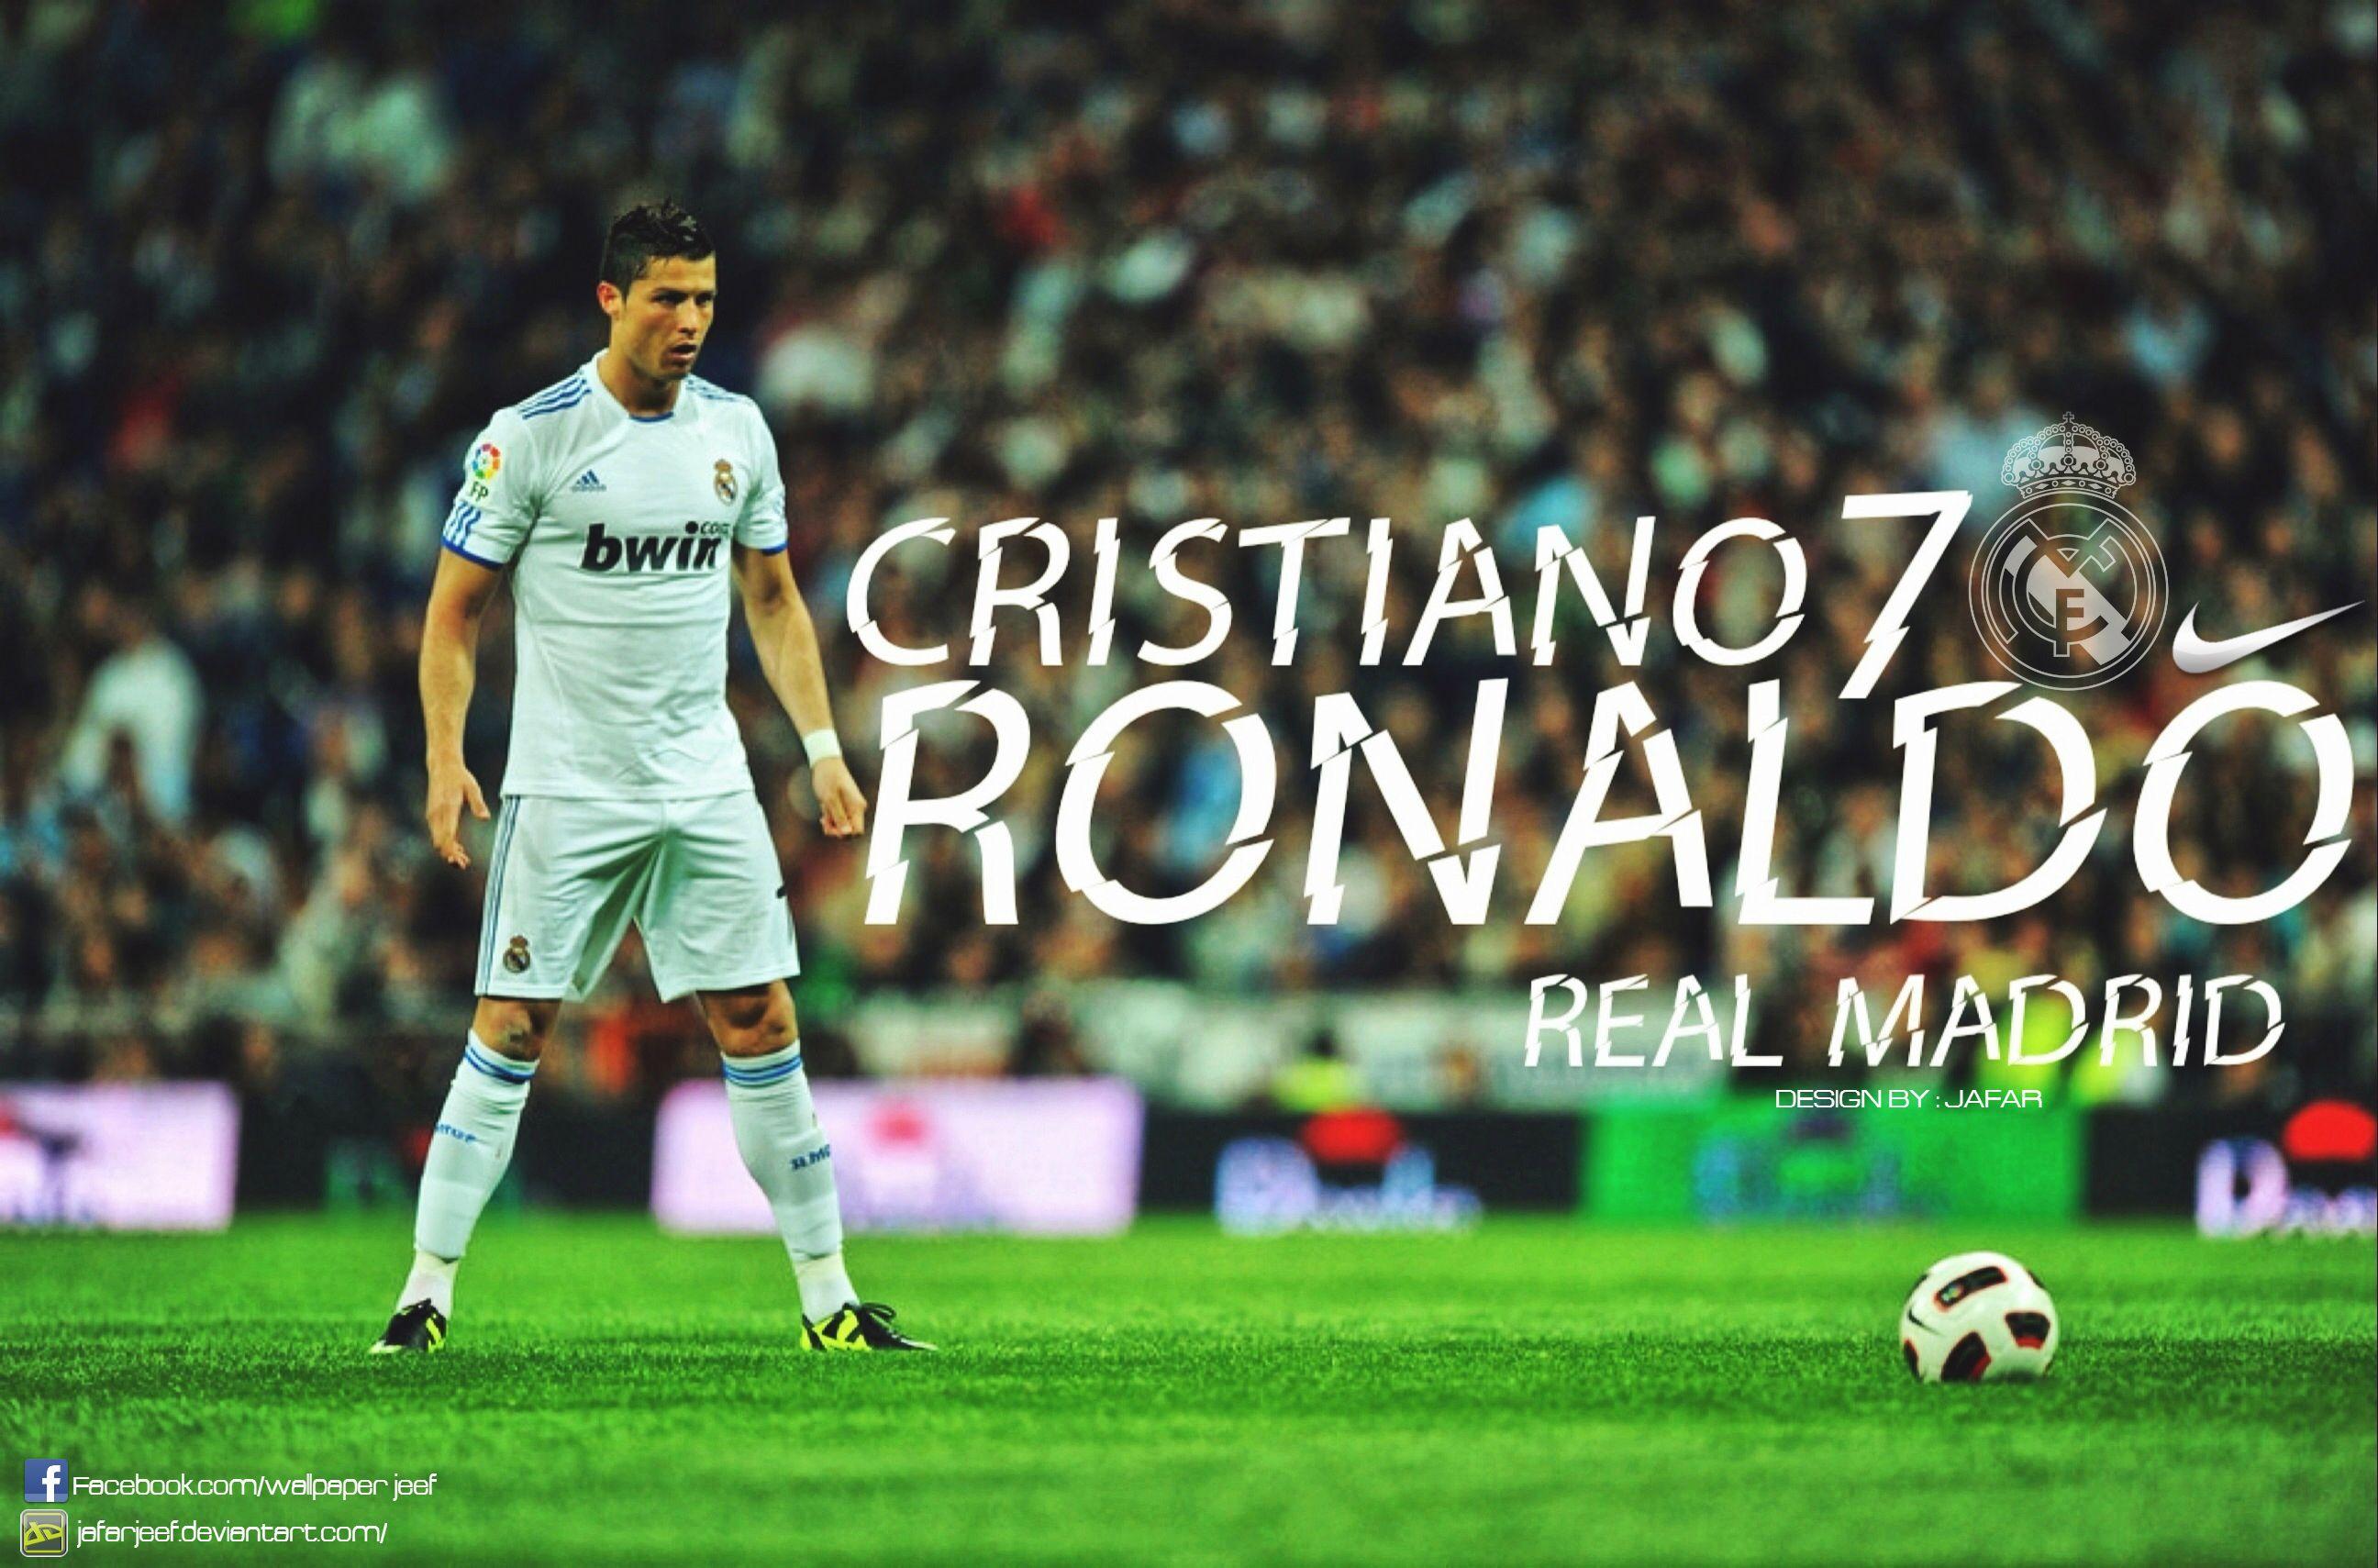 Ronaldo Wallpaper Desktop Pxe Cristiano Ronaldo Ronaldo Cristiano Ronaldo Wallpapers